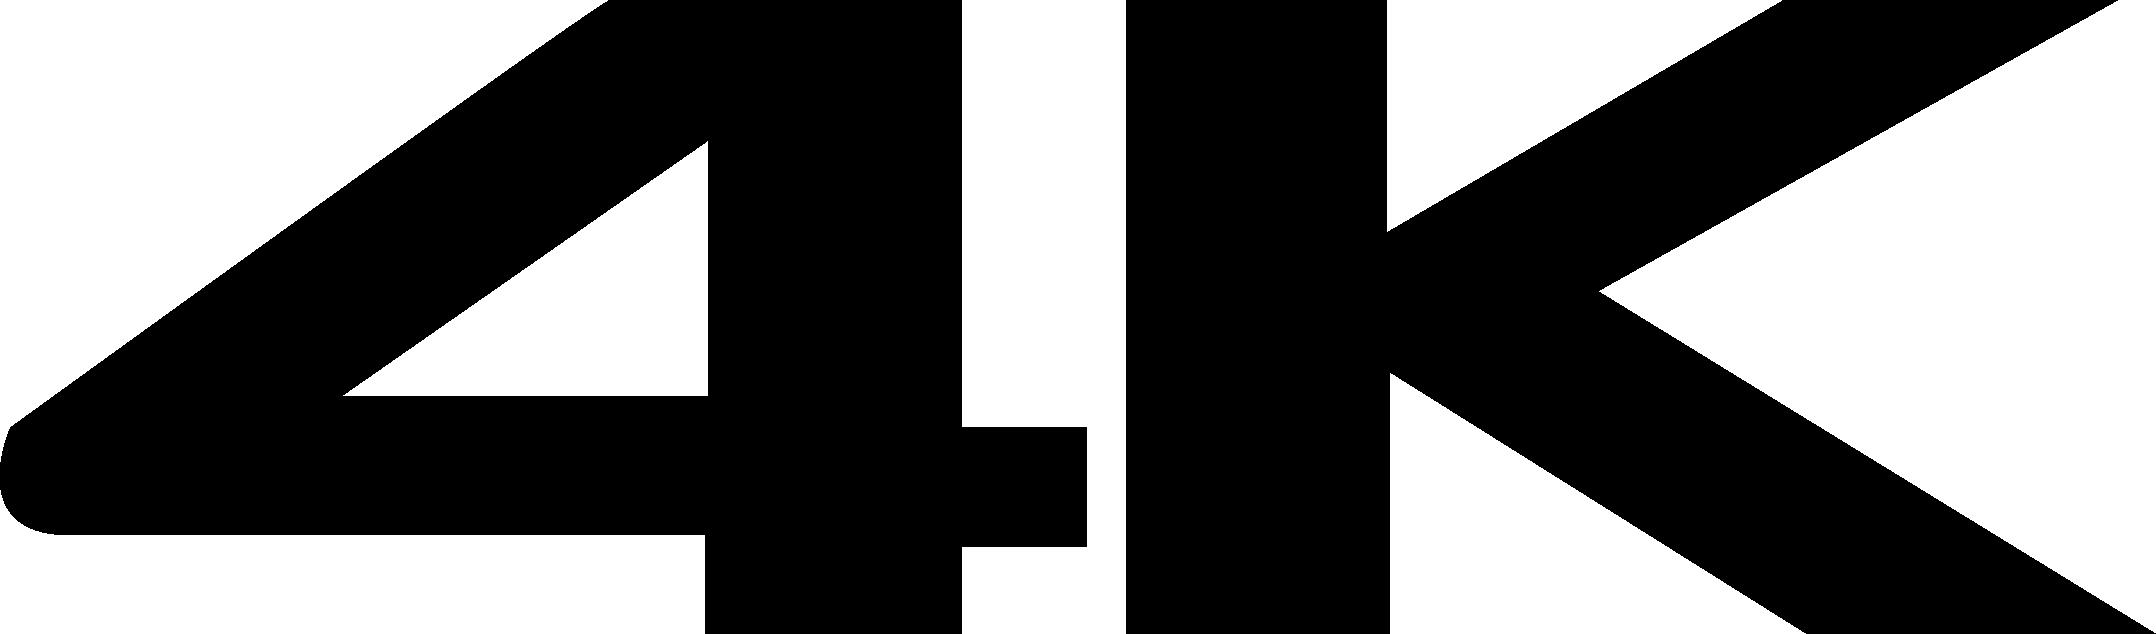 4K Logo png